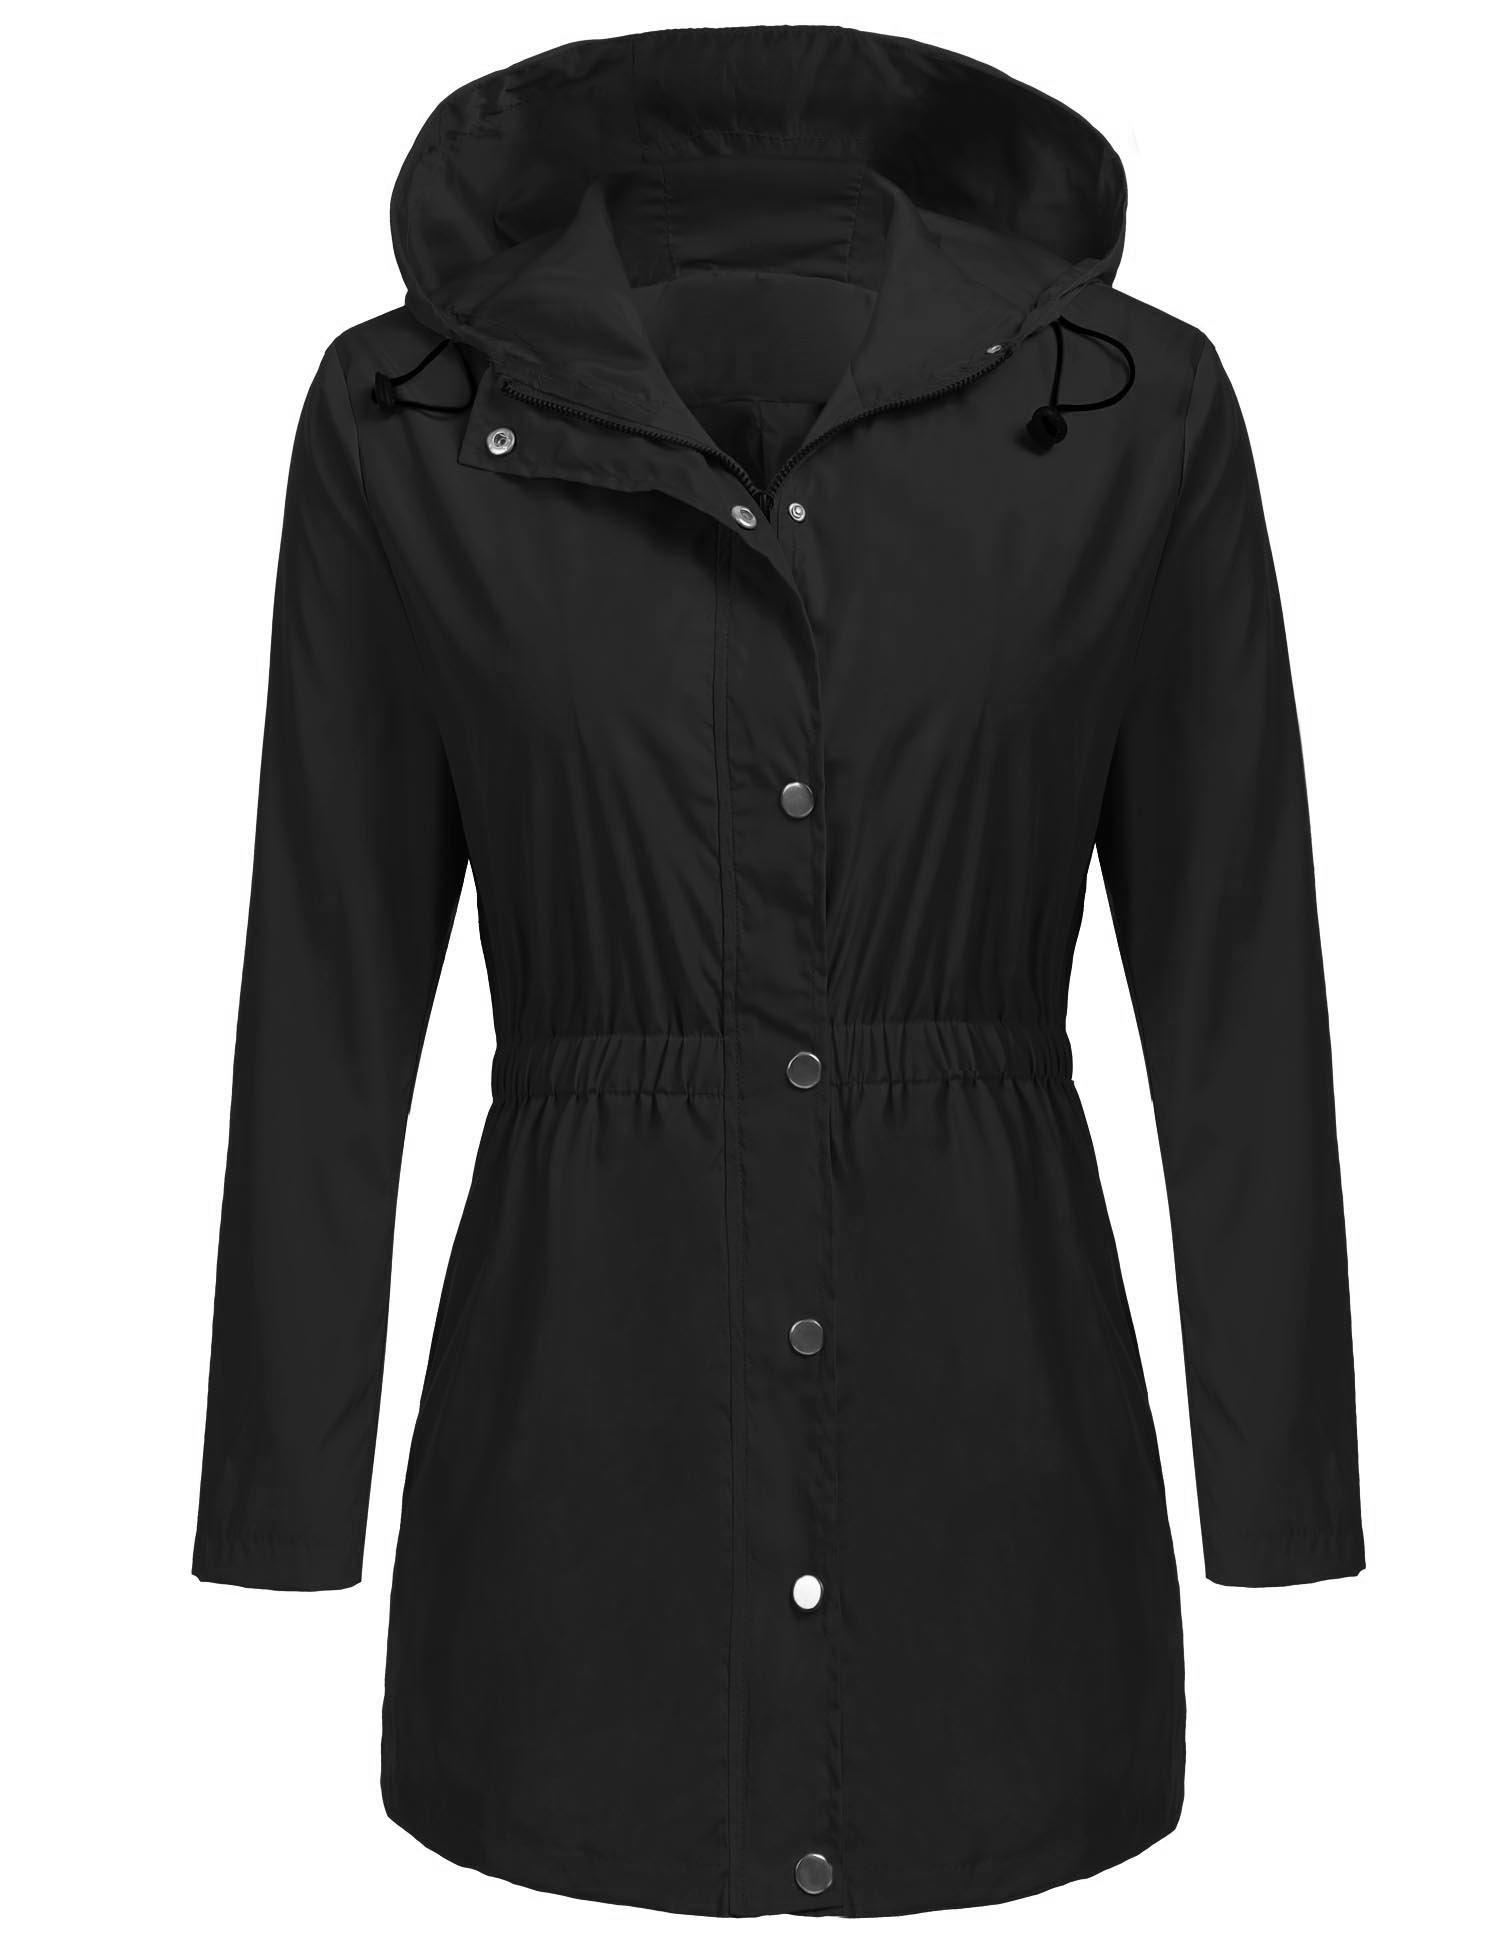 happilina Women's Lightweight Windbreaker Jacket Anorak Quick Dry Outdoor Packable Hoody Black L